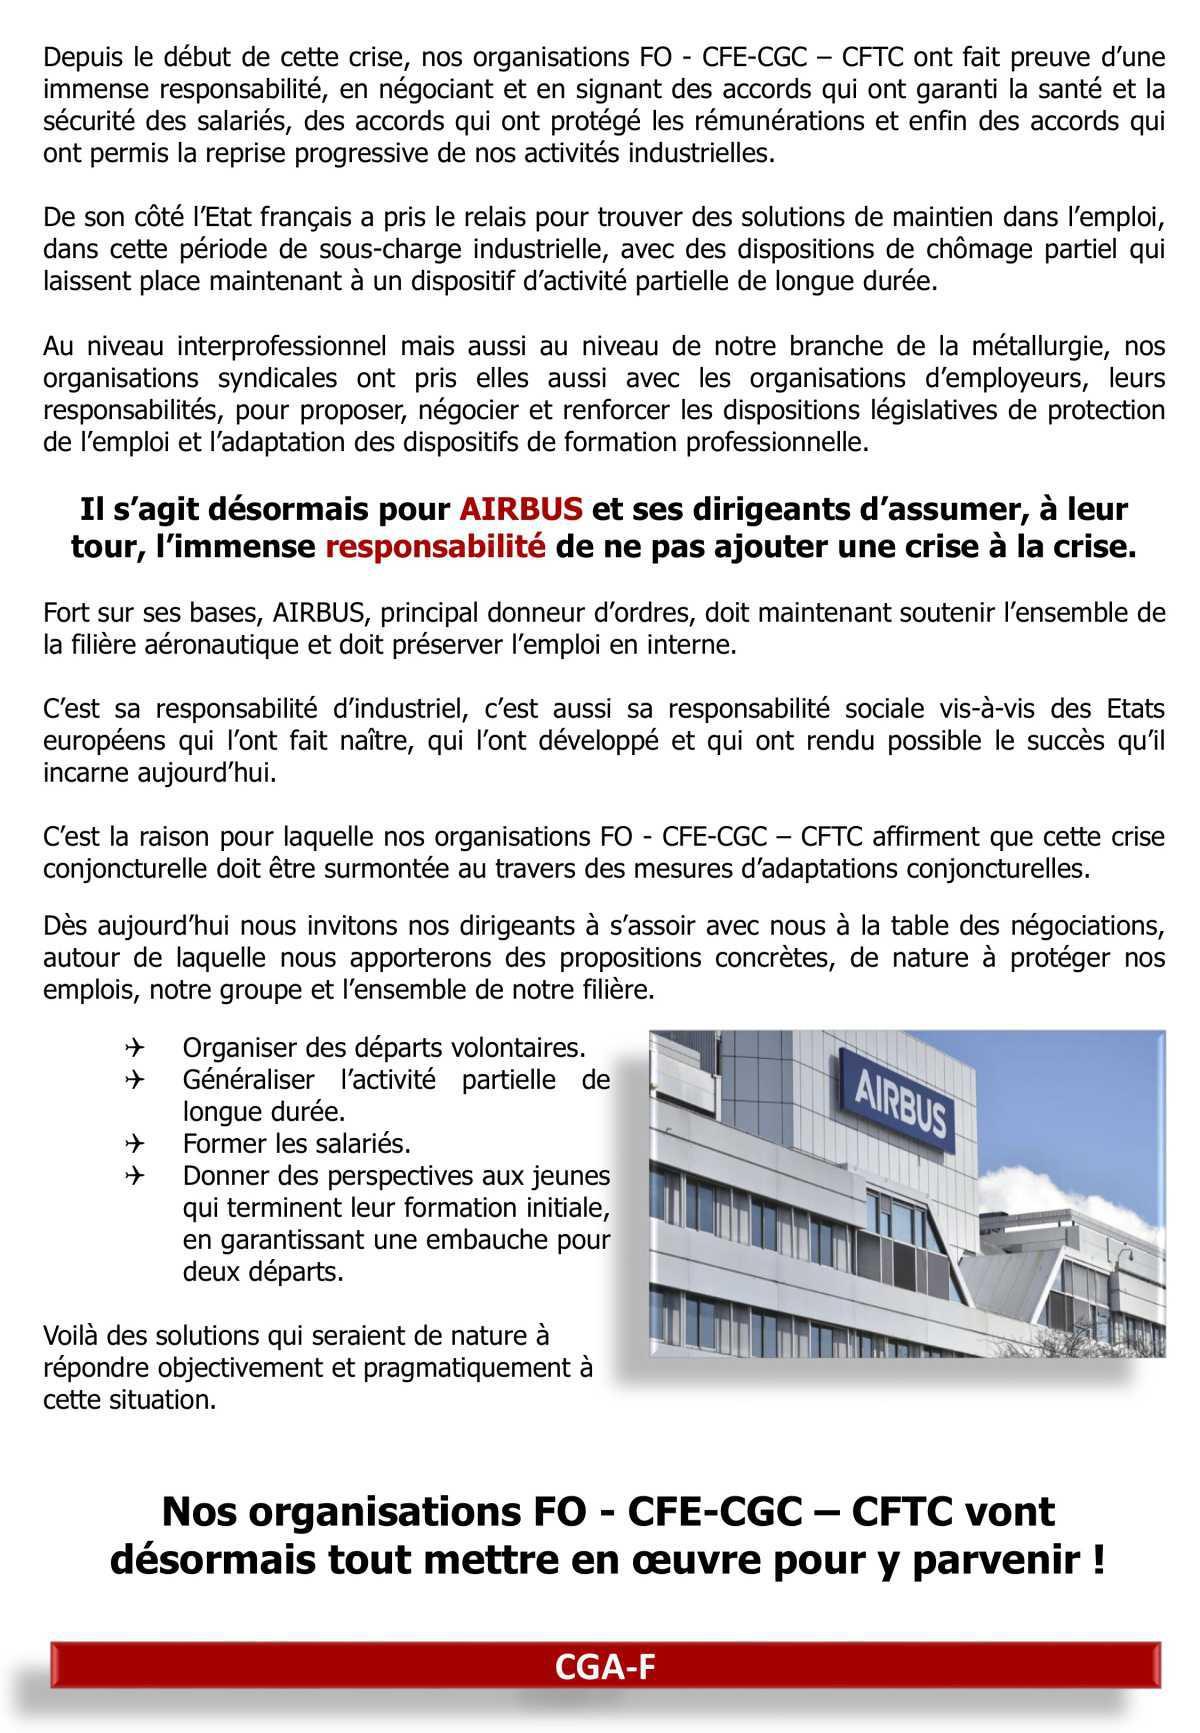 Déclaration lue en CGAF par FO Airbus